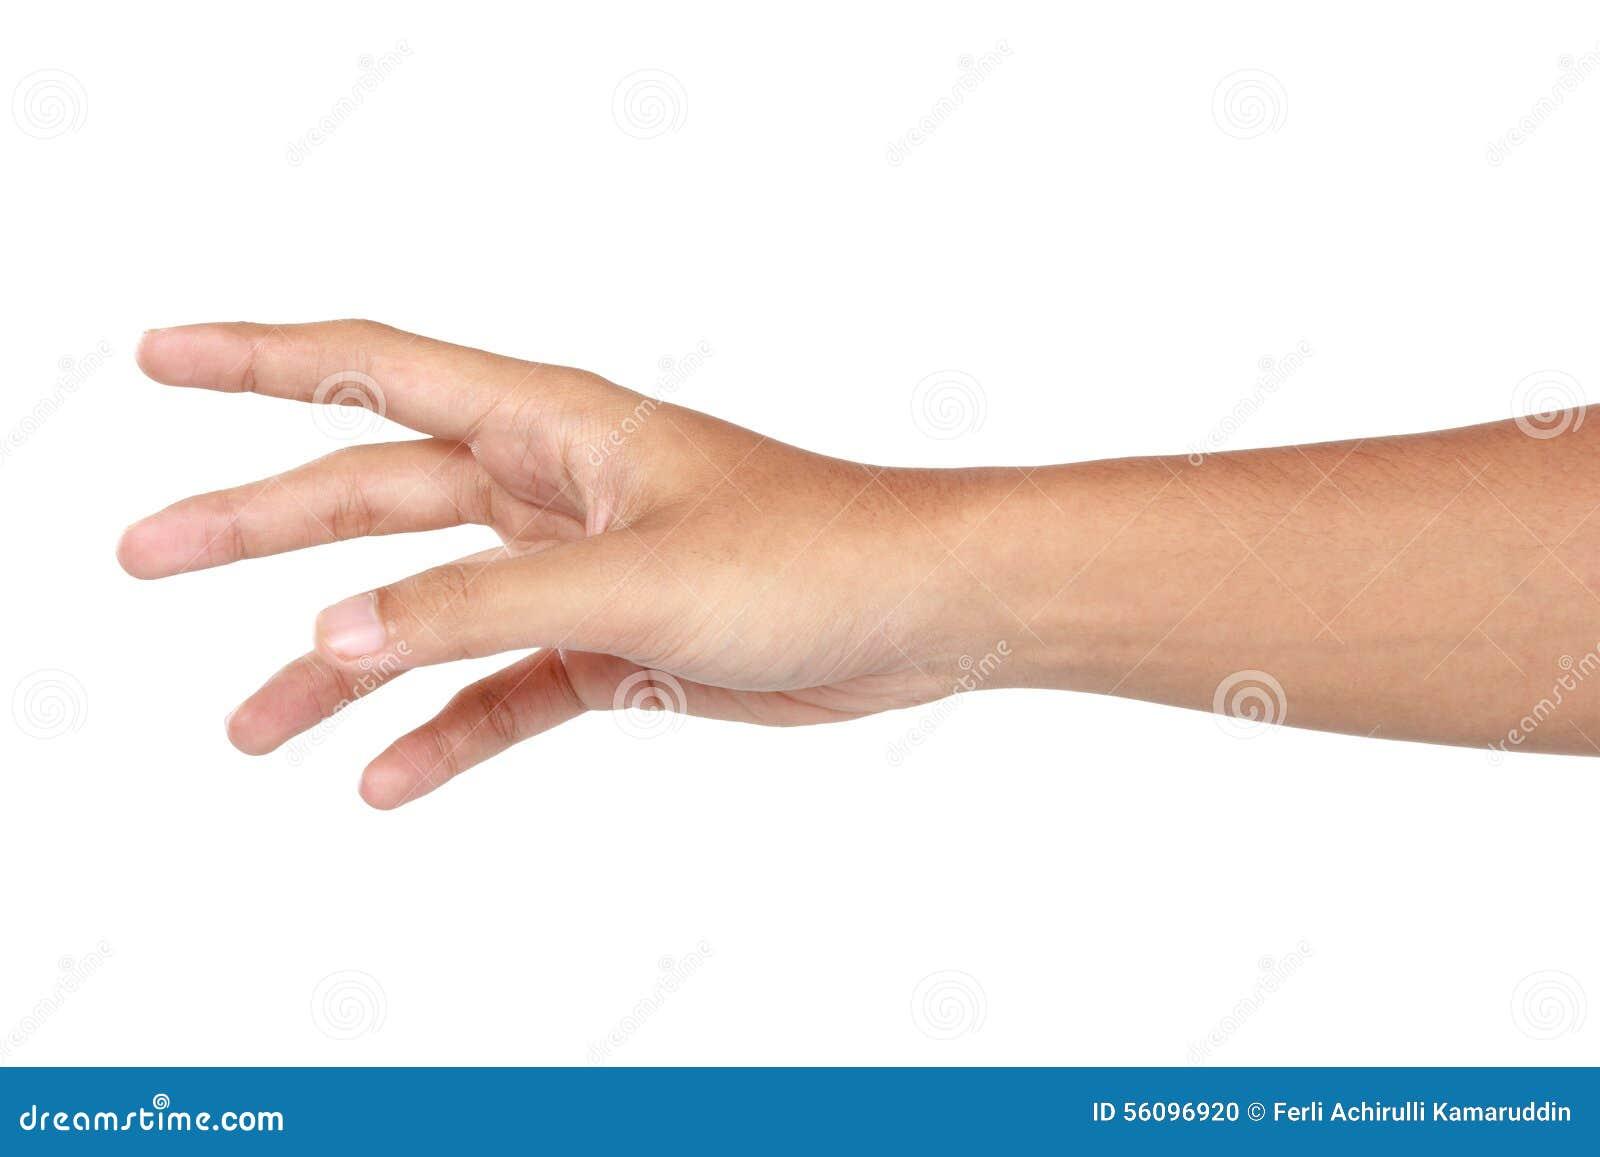 Reaching Hand